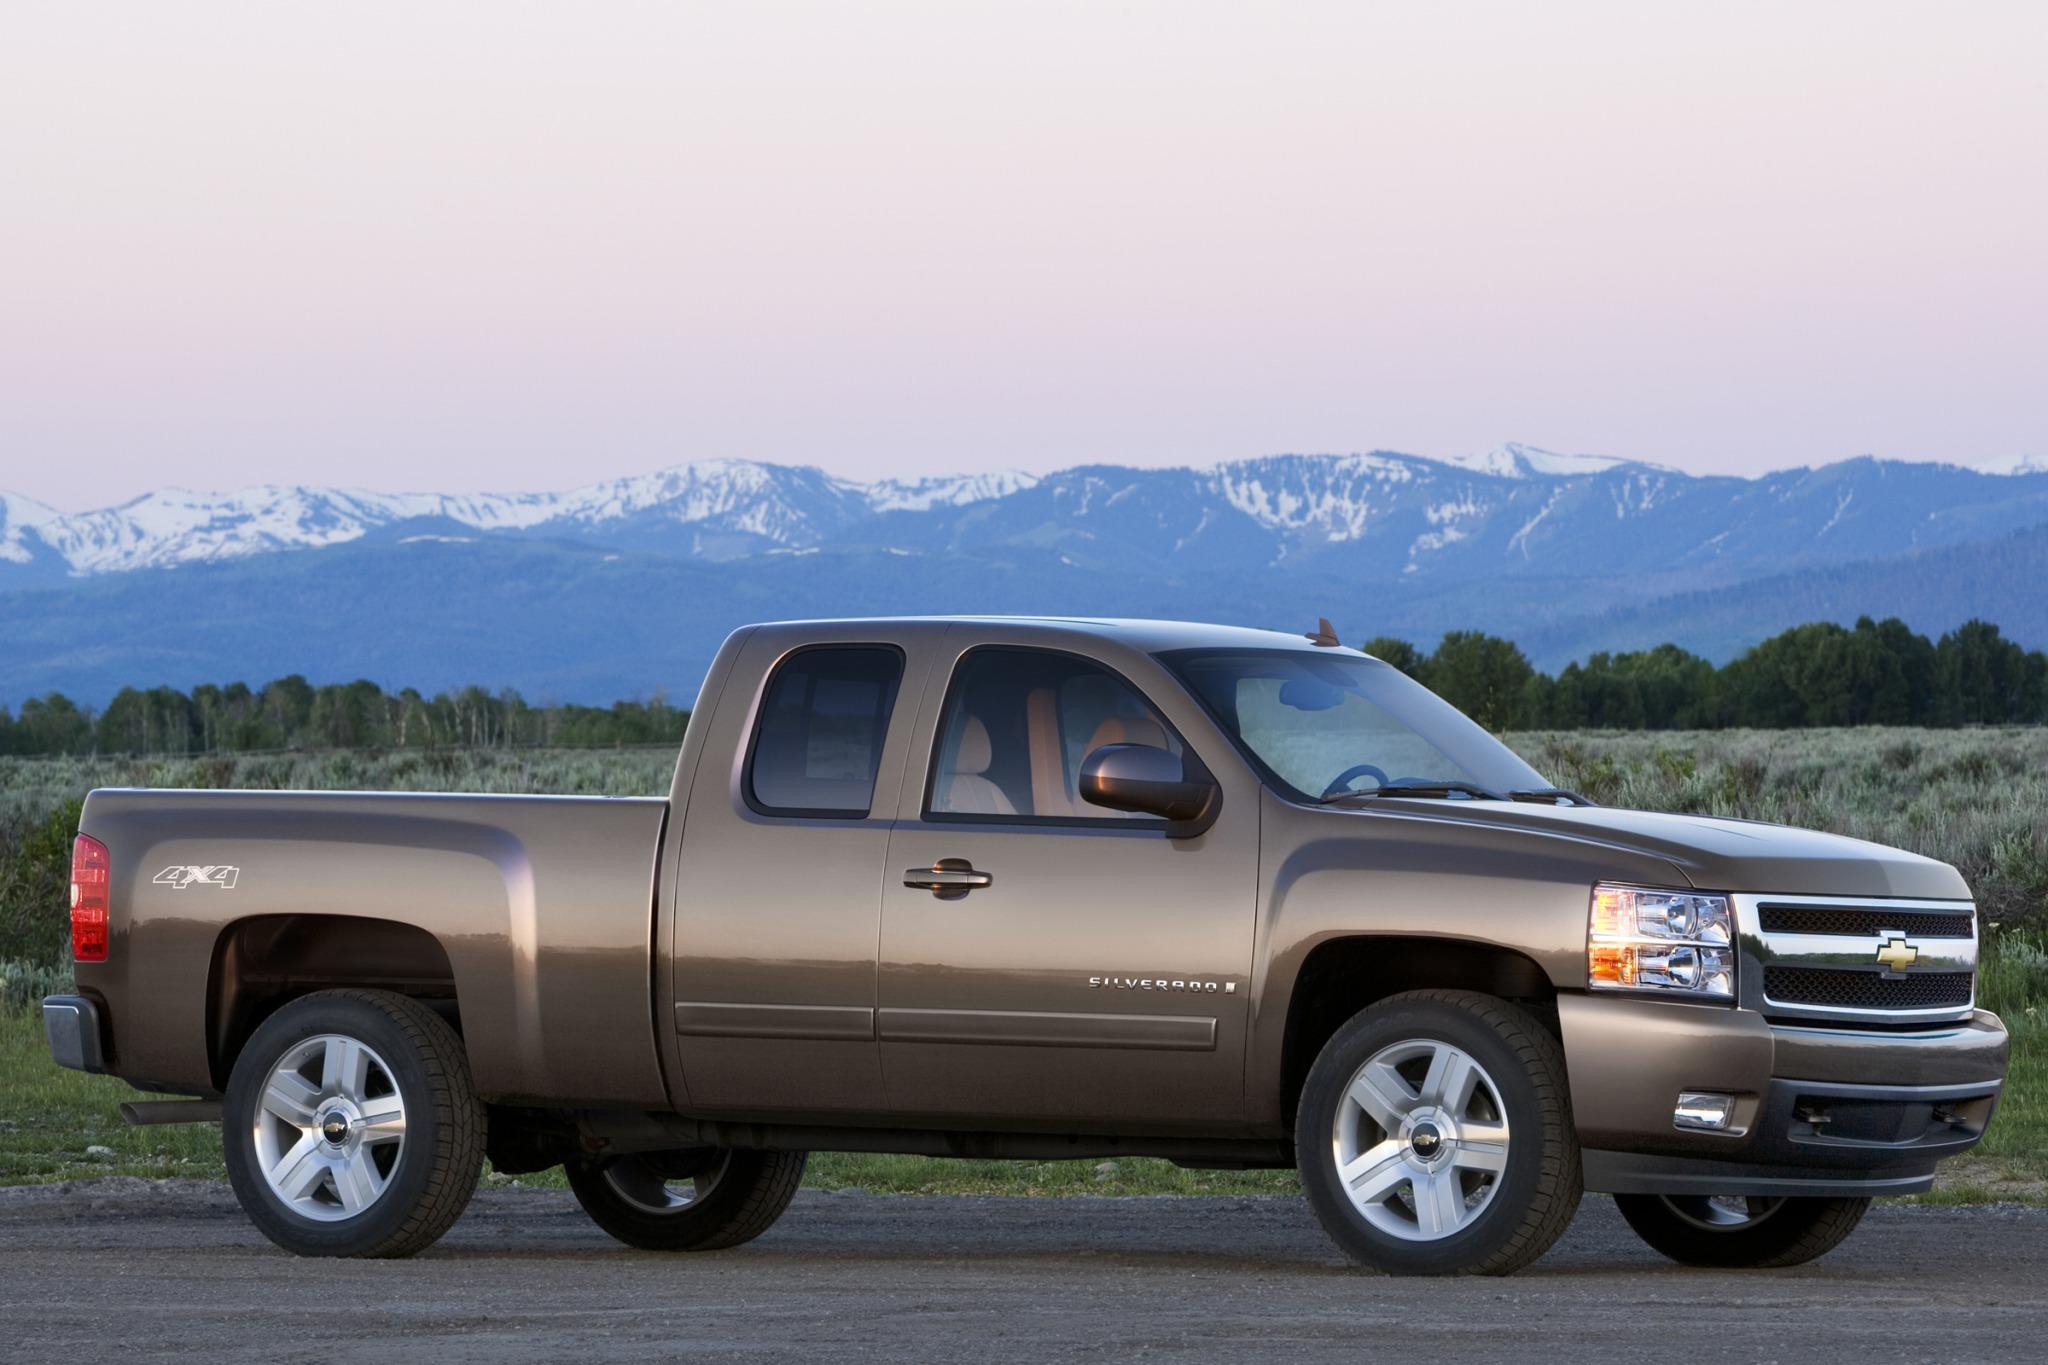 2007 Chevrolet Silverado 1500 Extended Cab >> 2007 CHEVROLET SILVERADO 3500HD - Image #3